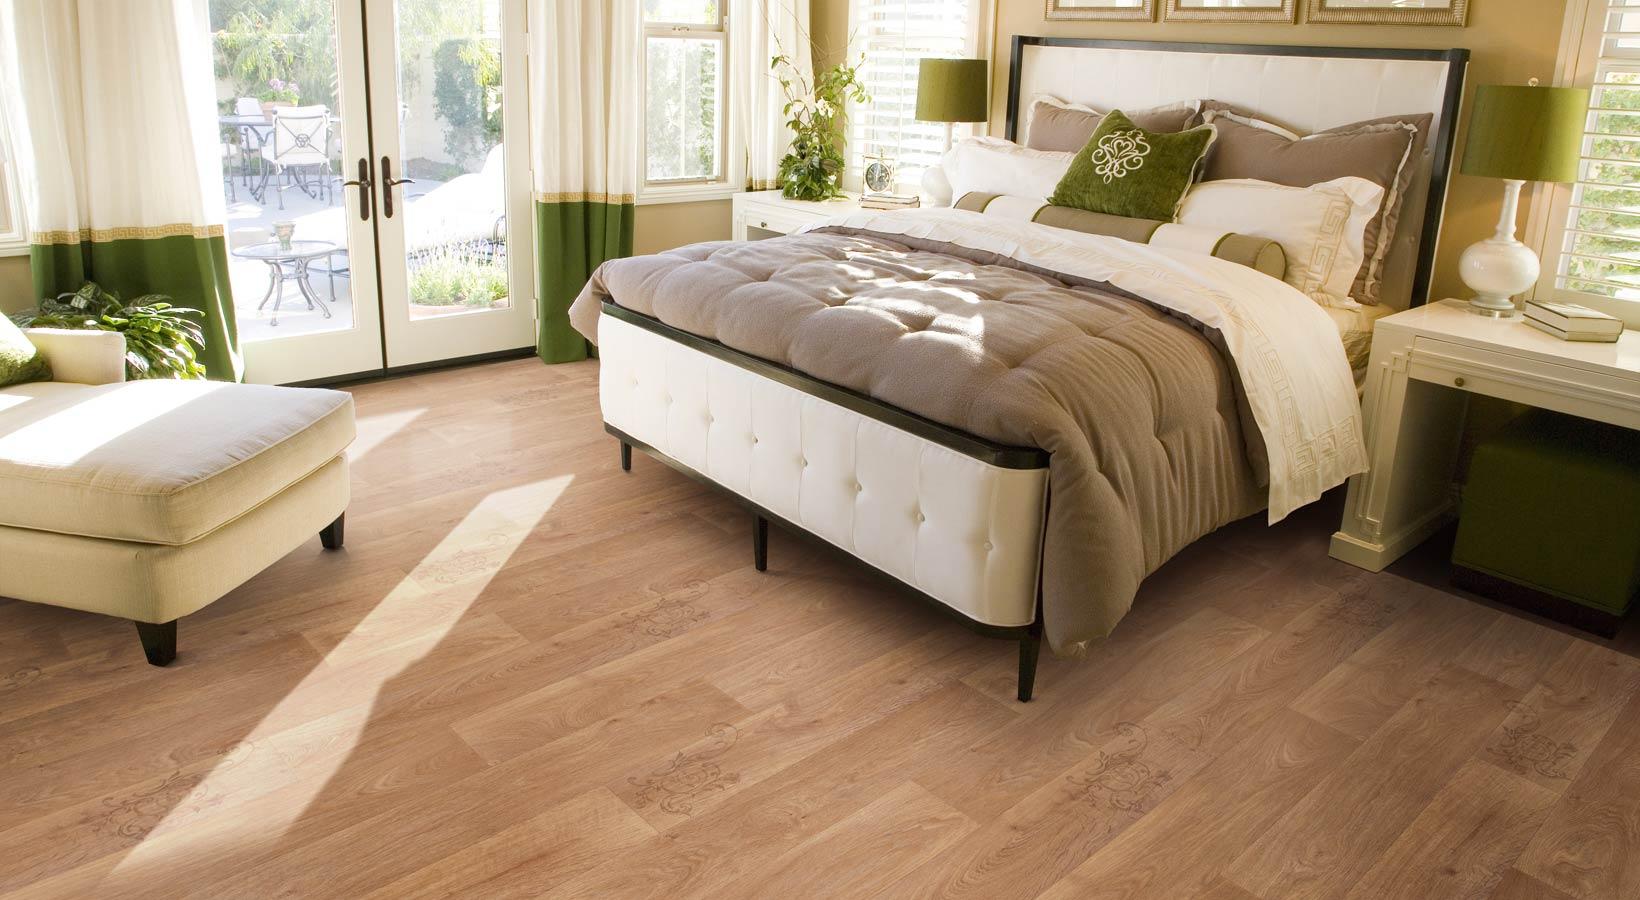 Линолеум под светло-коричневое дерево с узором в спальне